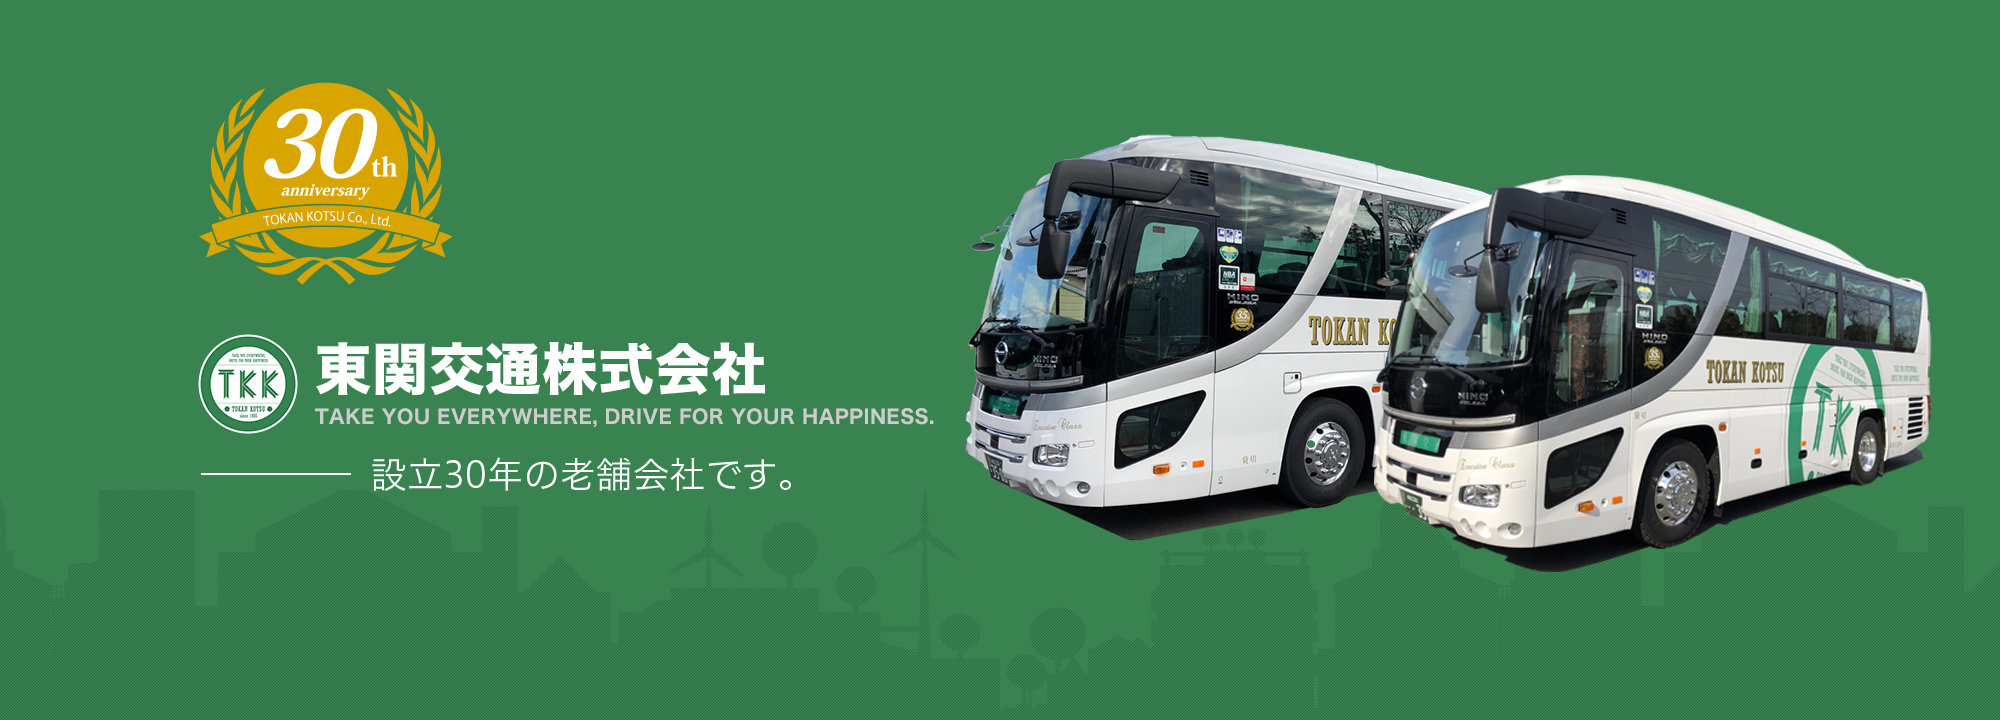 東関交通株式会社。設立30年の老舗会社です。